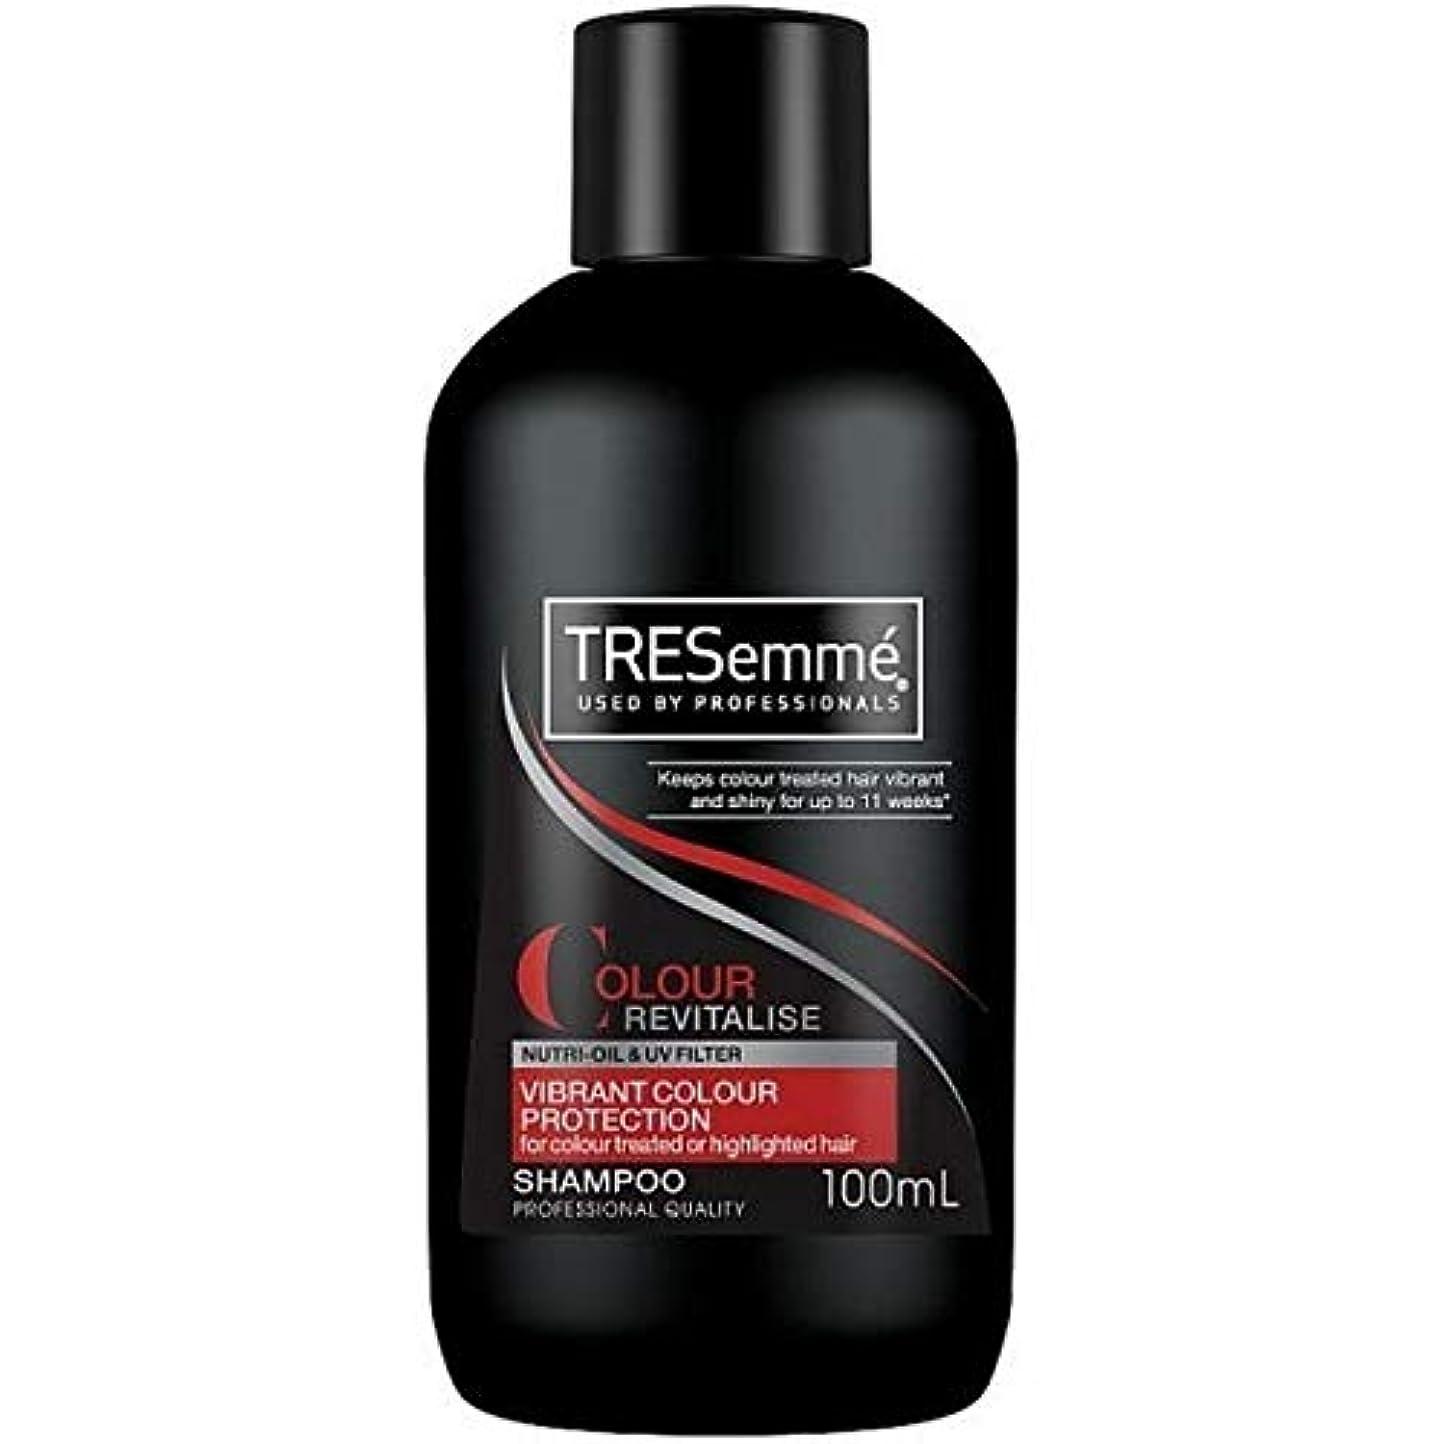 悲惨警察署母性[Tresemme] Tresemme色はカラーフェードシャンプー100ミリリットルを活性化 - TRESemme Colour Revitalise Colour Fade Shampoo 100ml [並行輸入品]